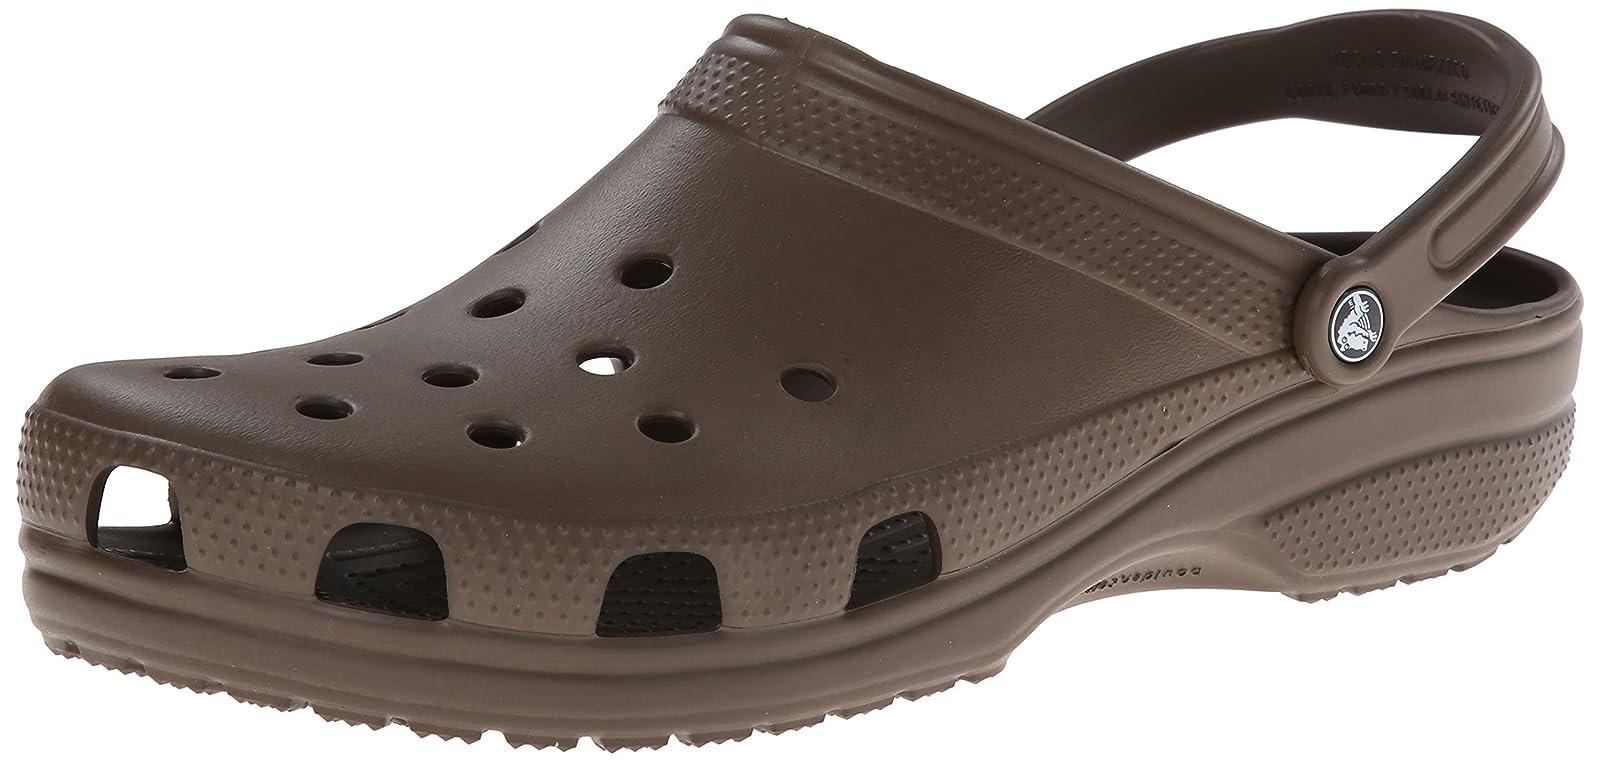 Crocs Men's and Women's Classic - 15